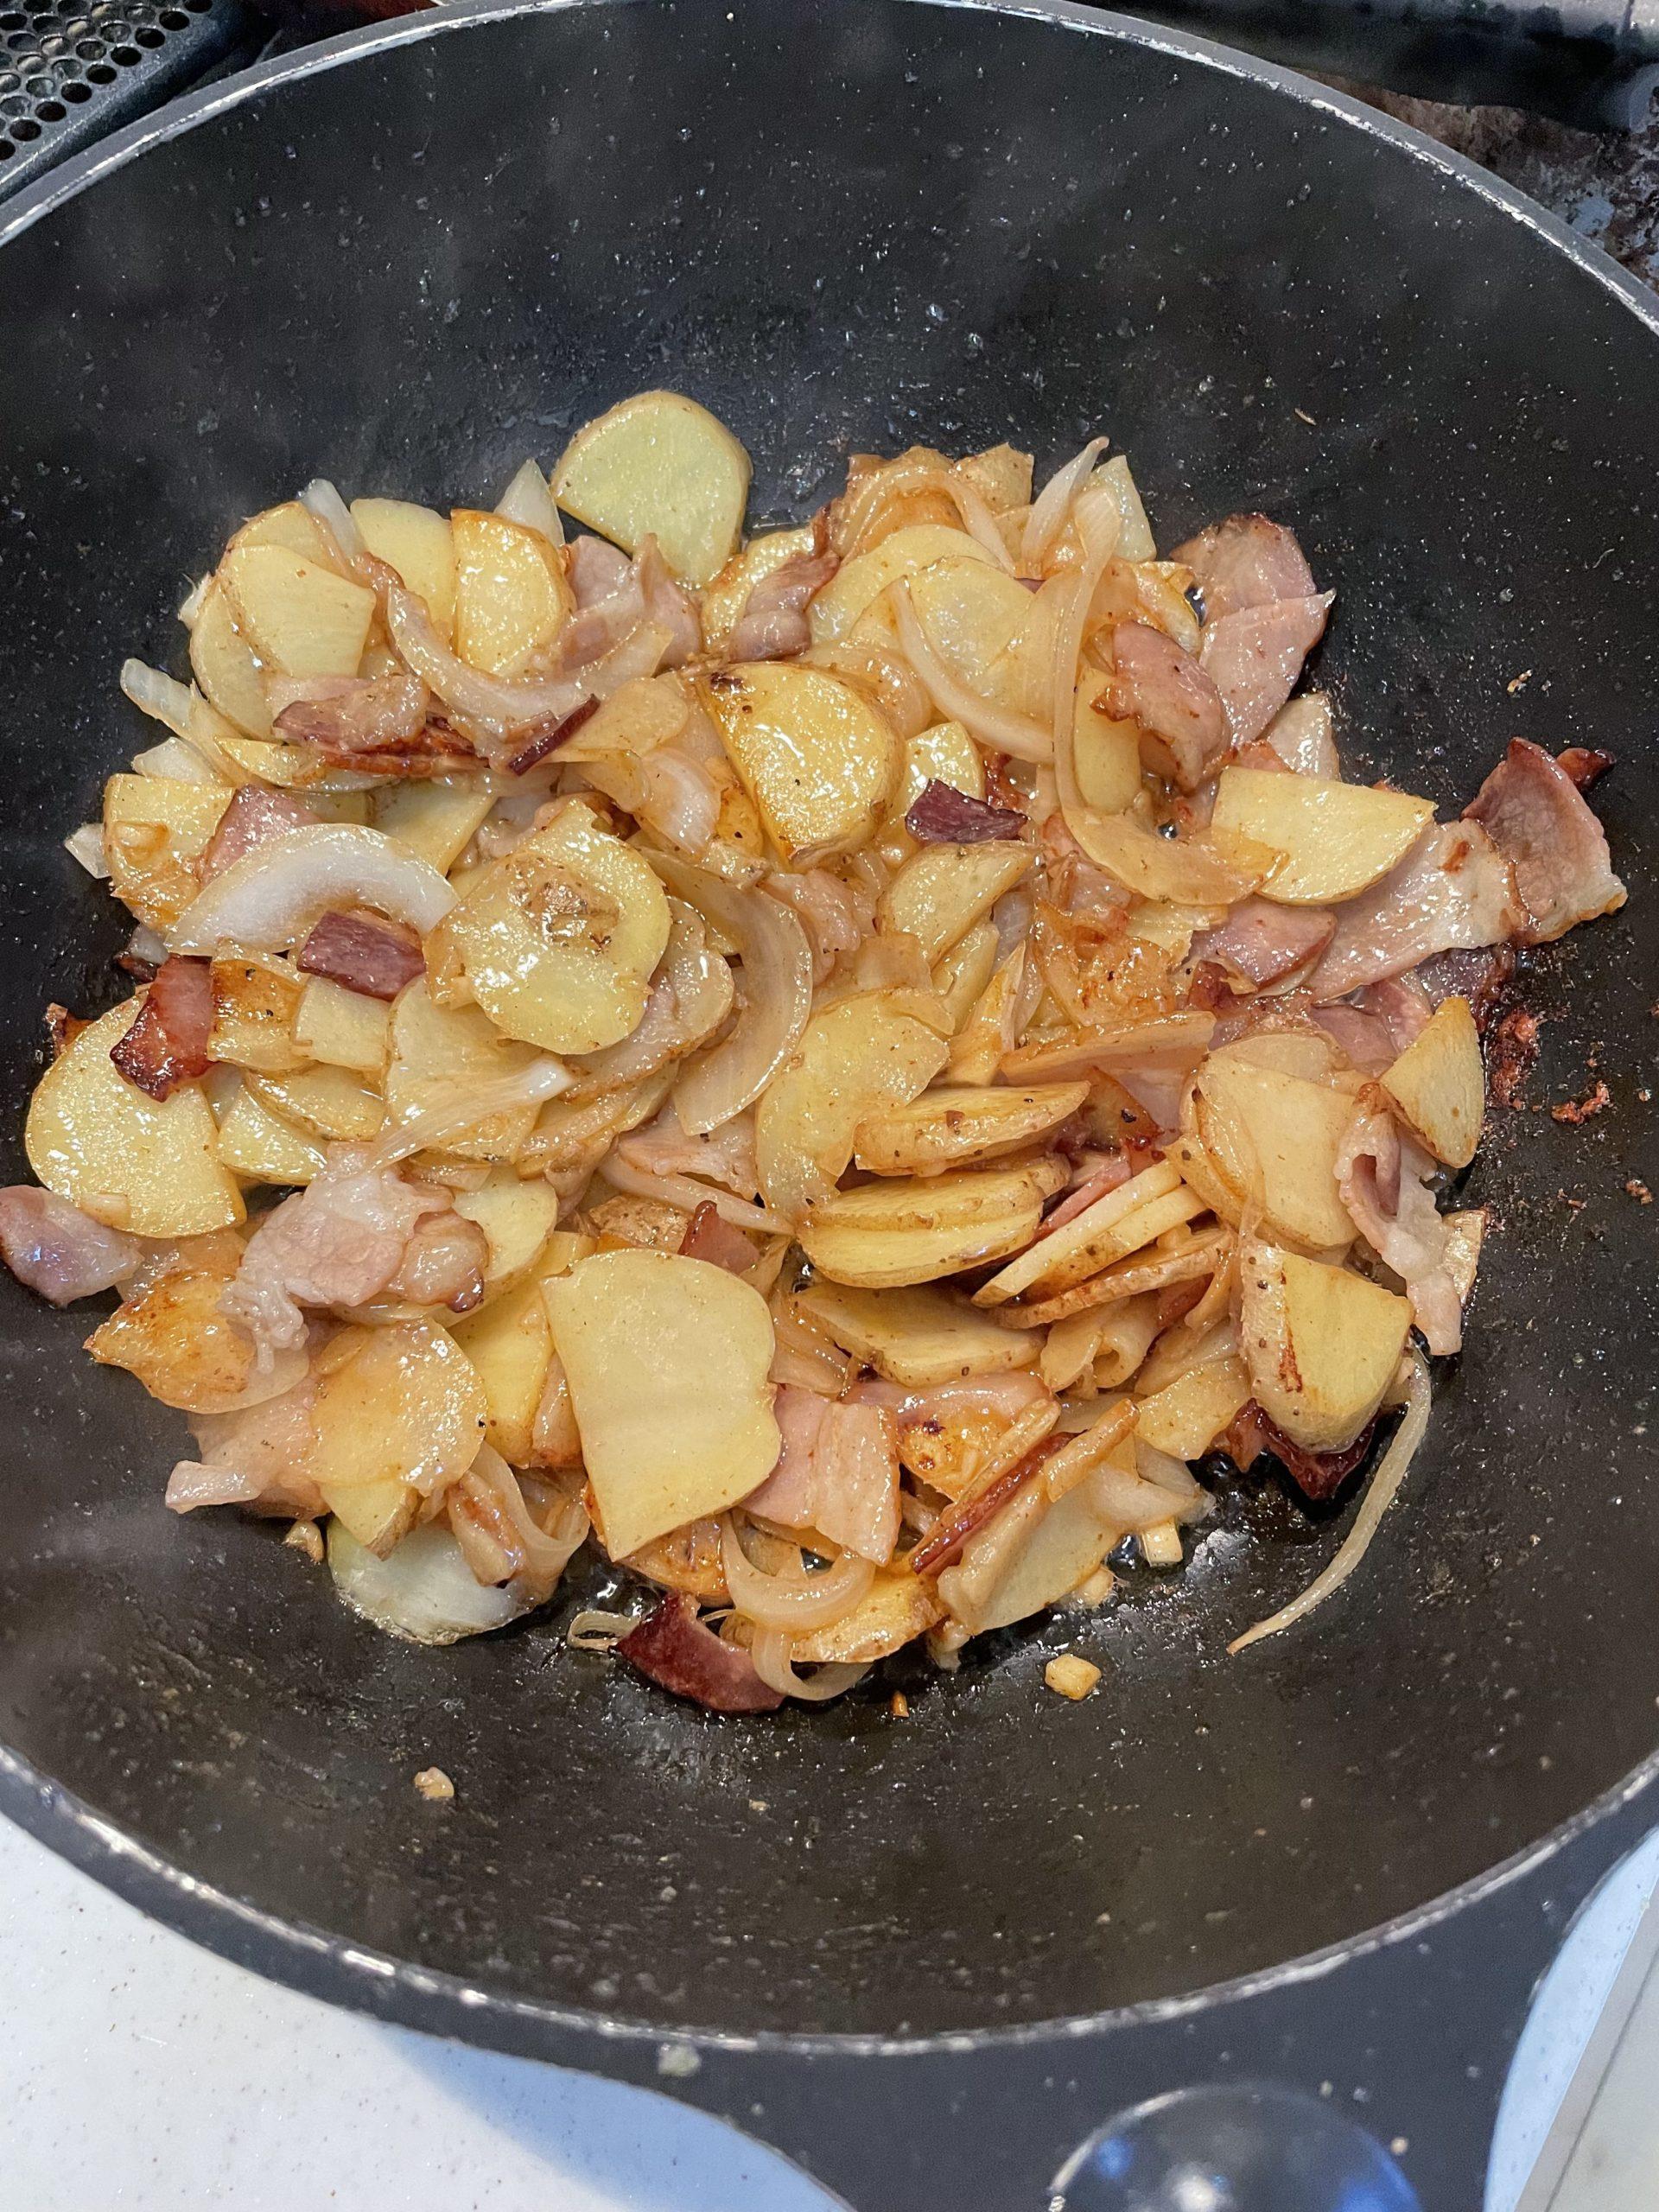 リュウジさんの料理動画をみながらパパごはん